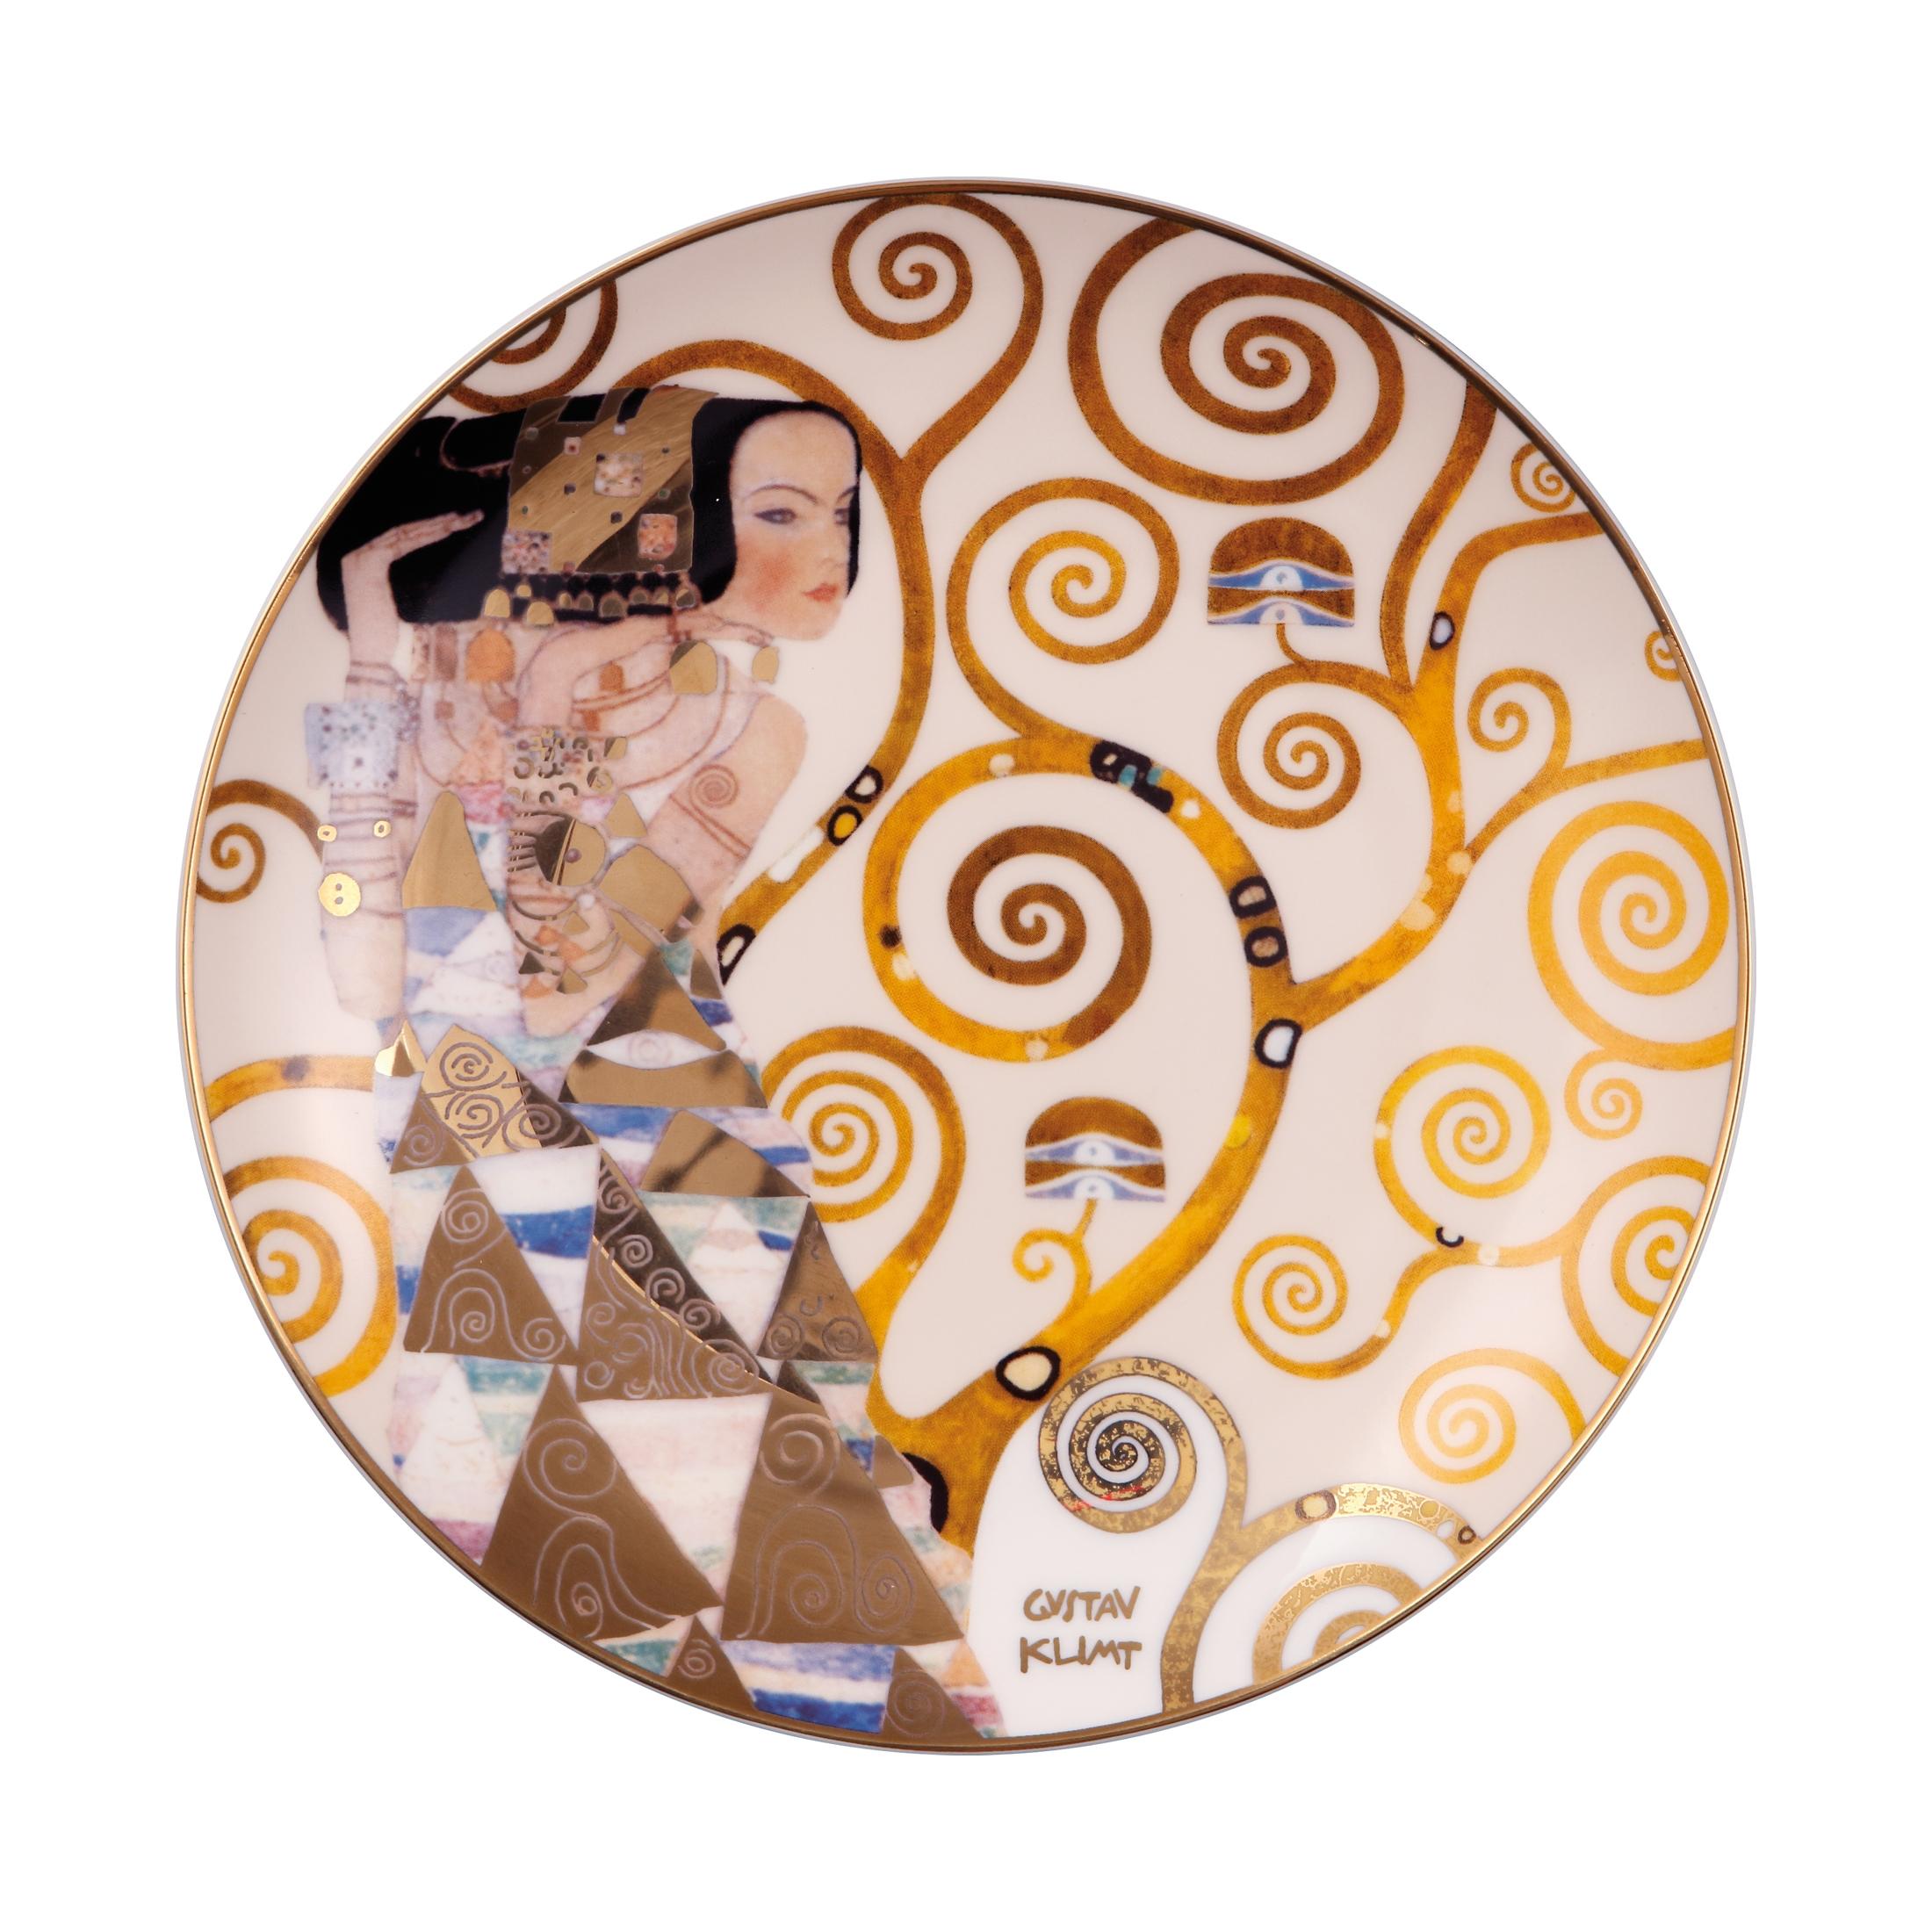 Goebel Artis Orbis Gustav Klimt 'AO FB WTE Erwartung' 2021